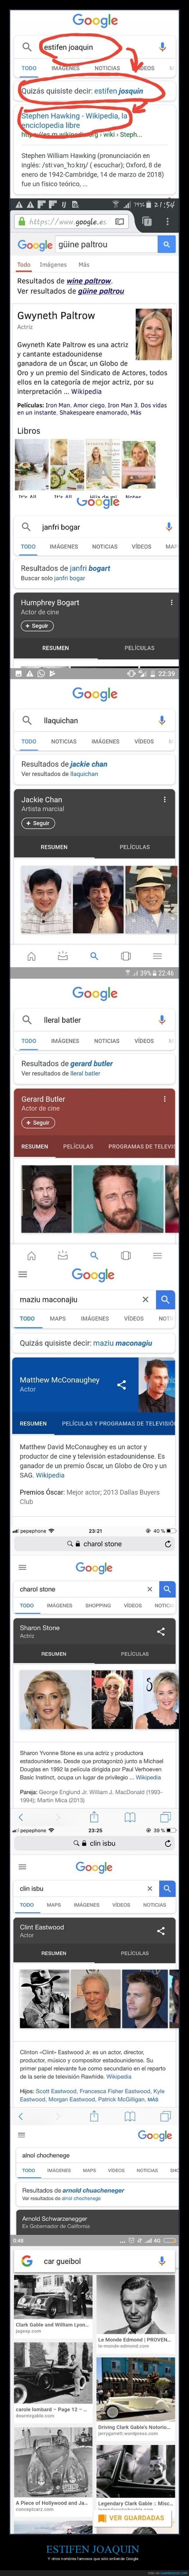 entender,google,nombres